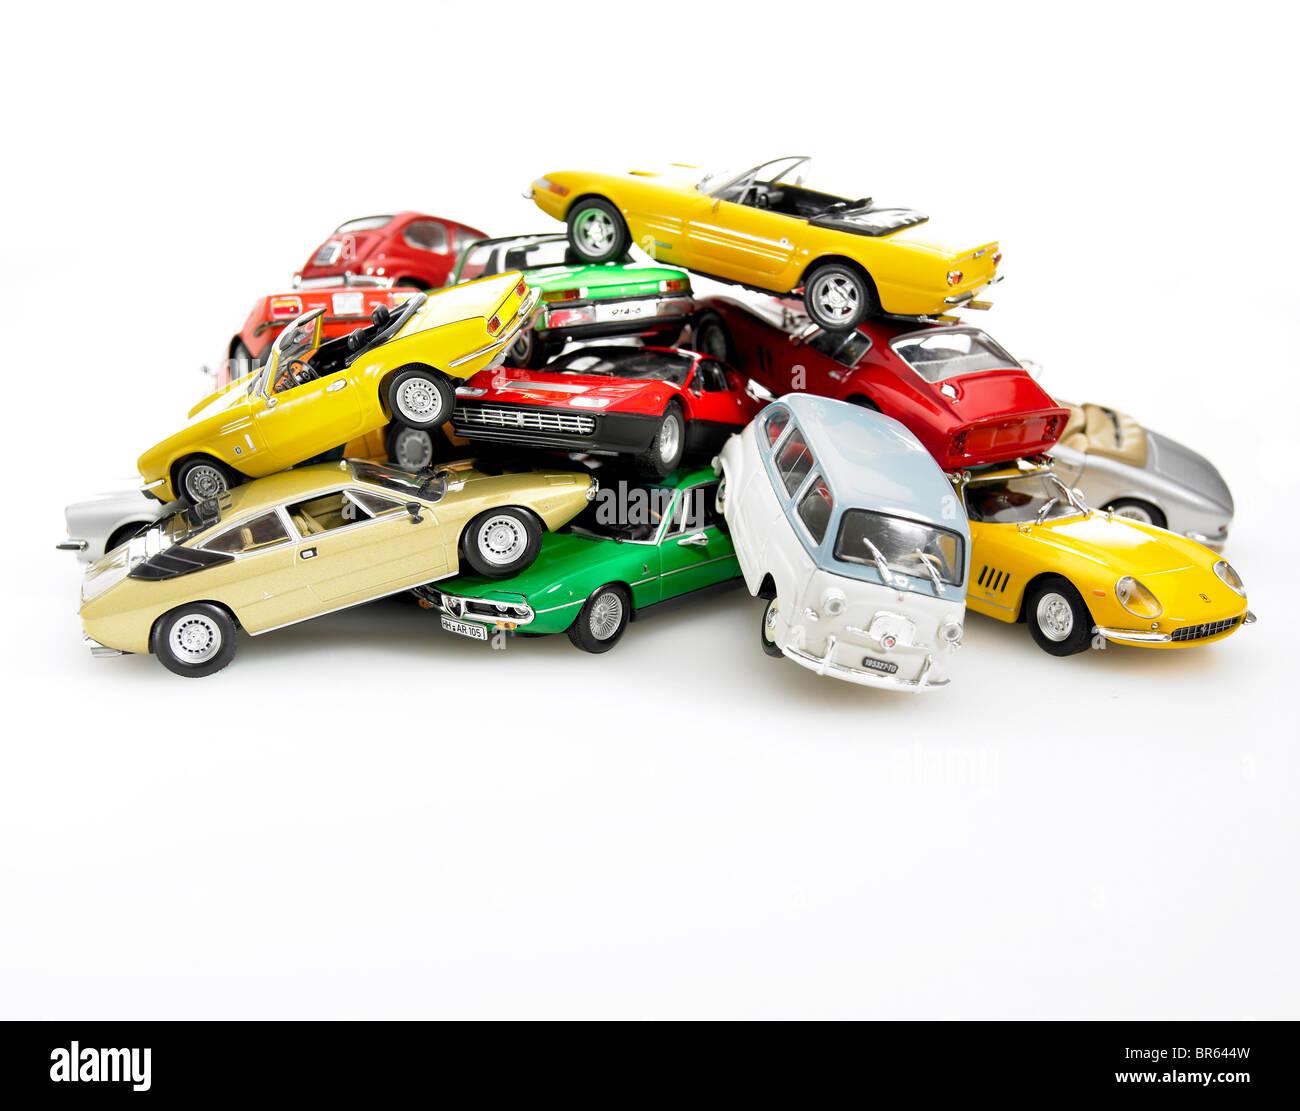 Haufen von Miniatur-Modellen. Stockbild